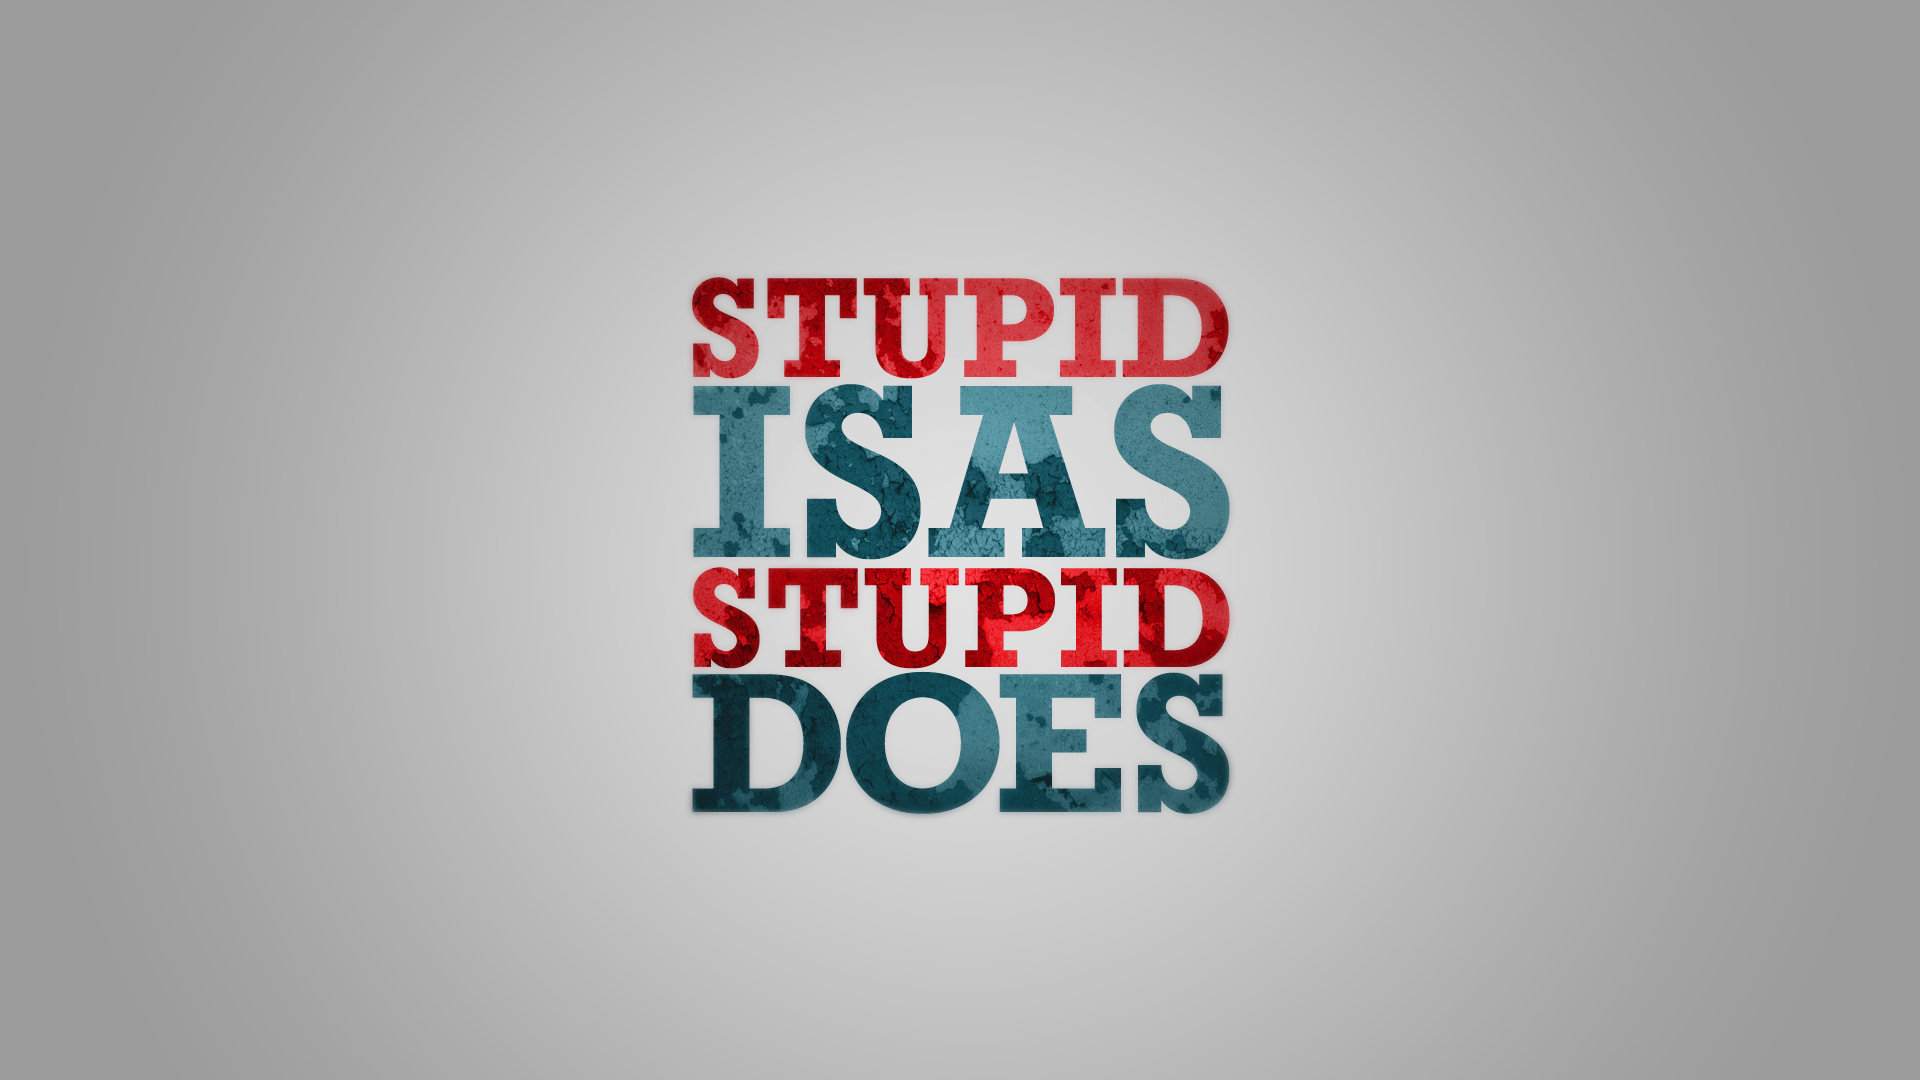 Stupid_is_as_stupid_does__by_Grabgewalt.